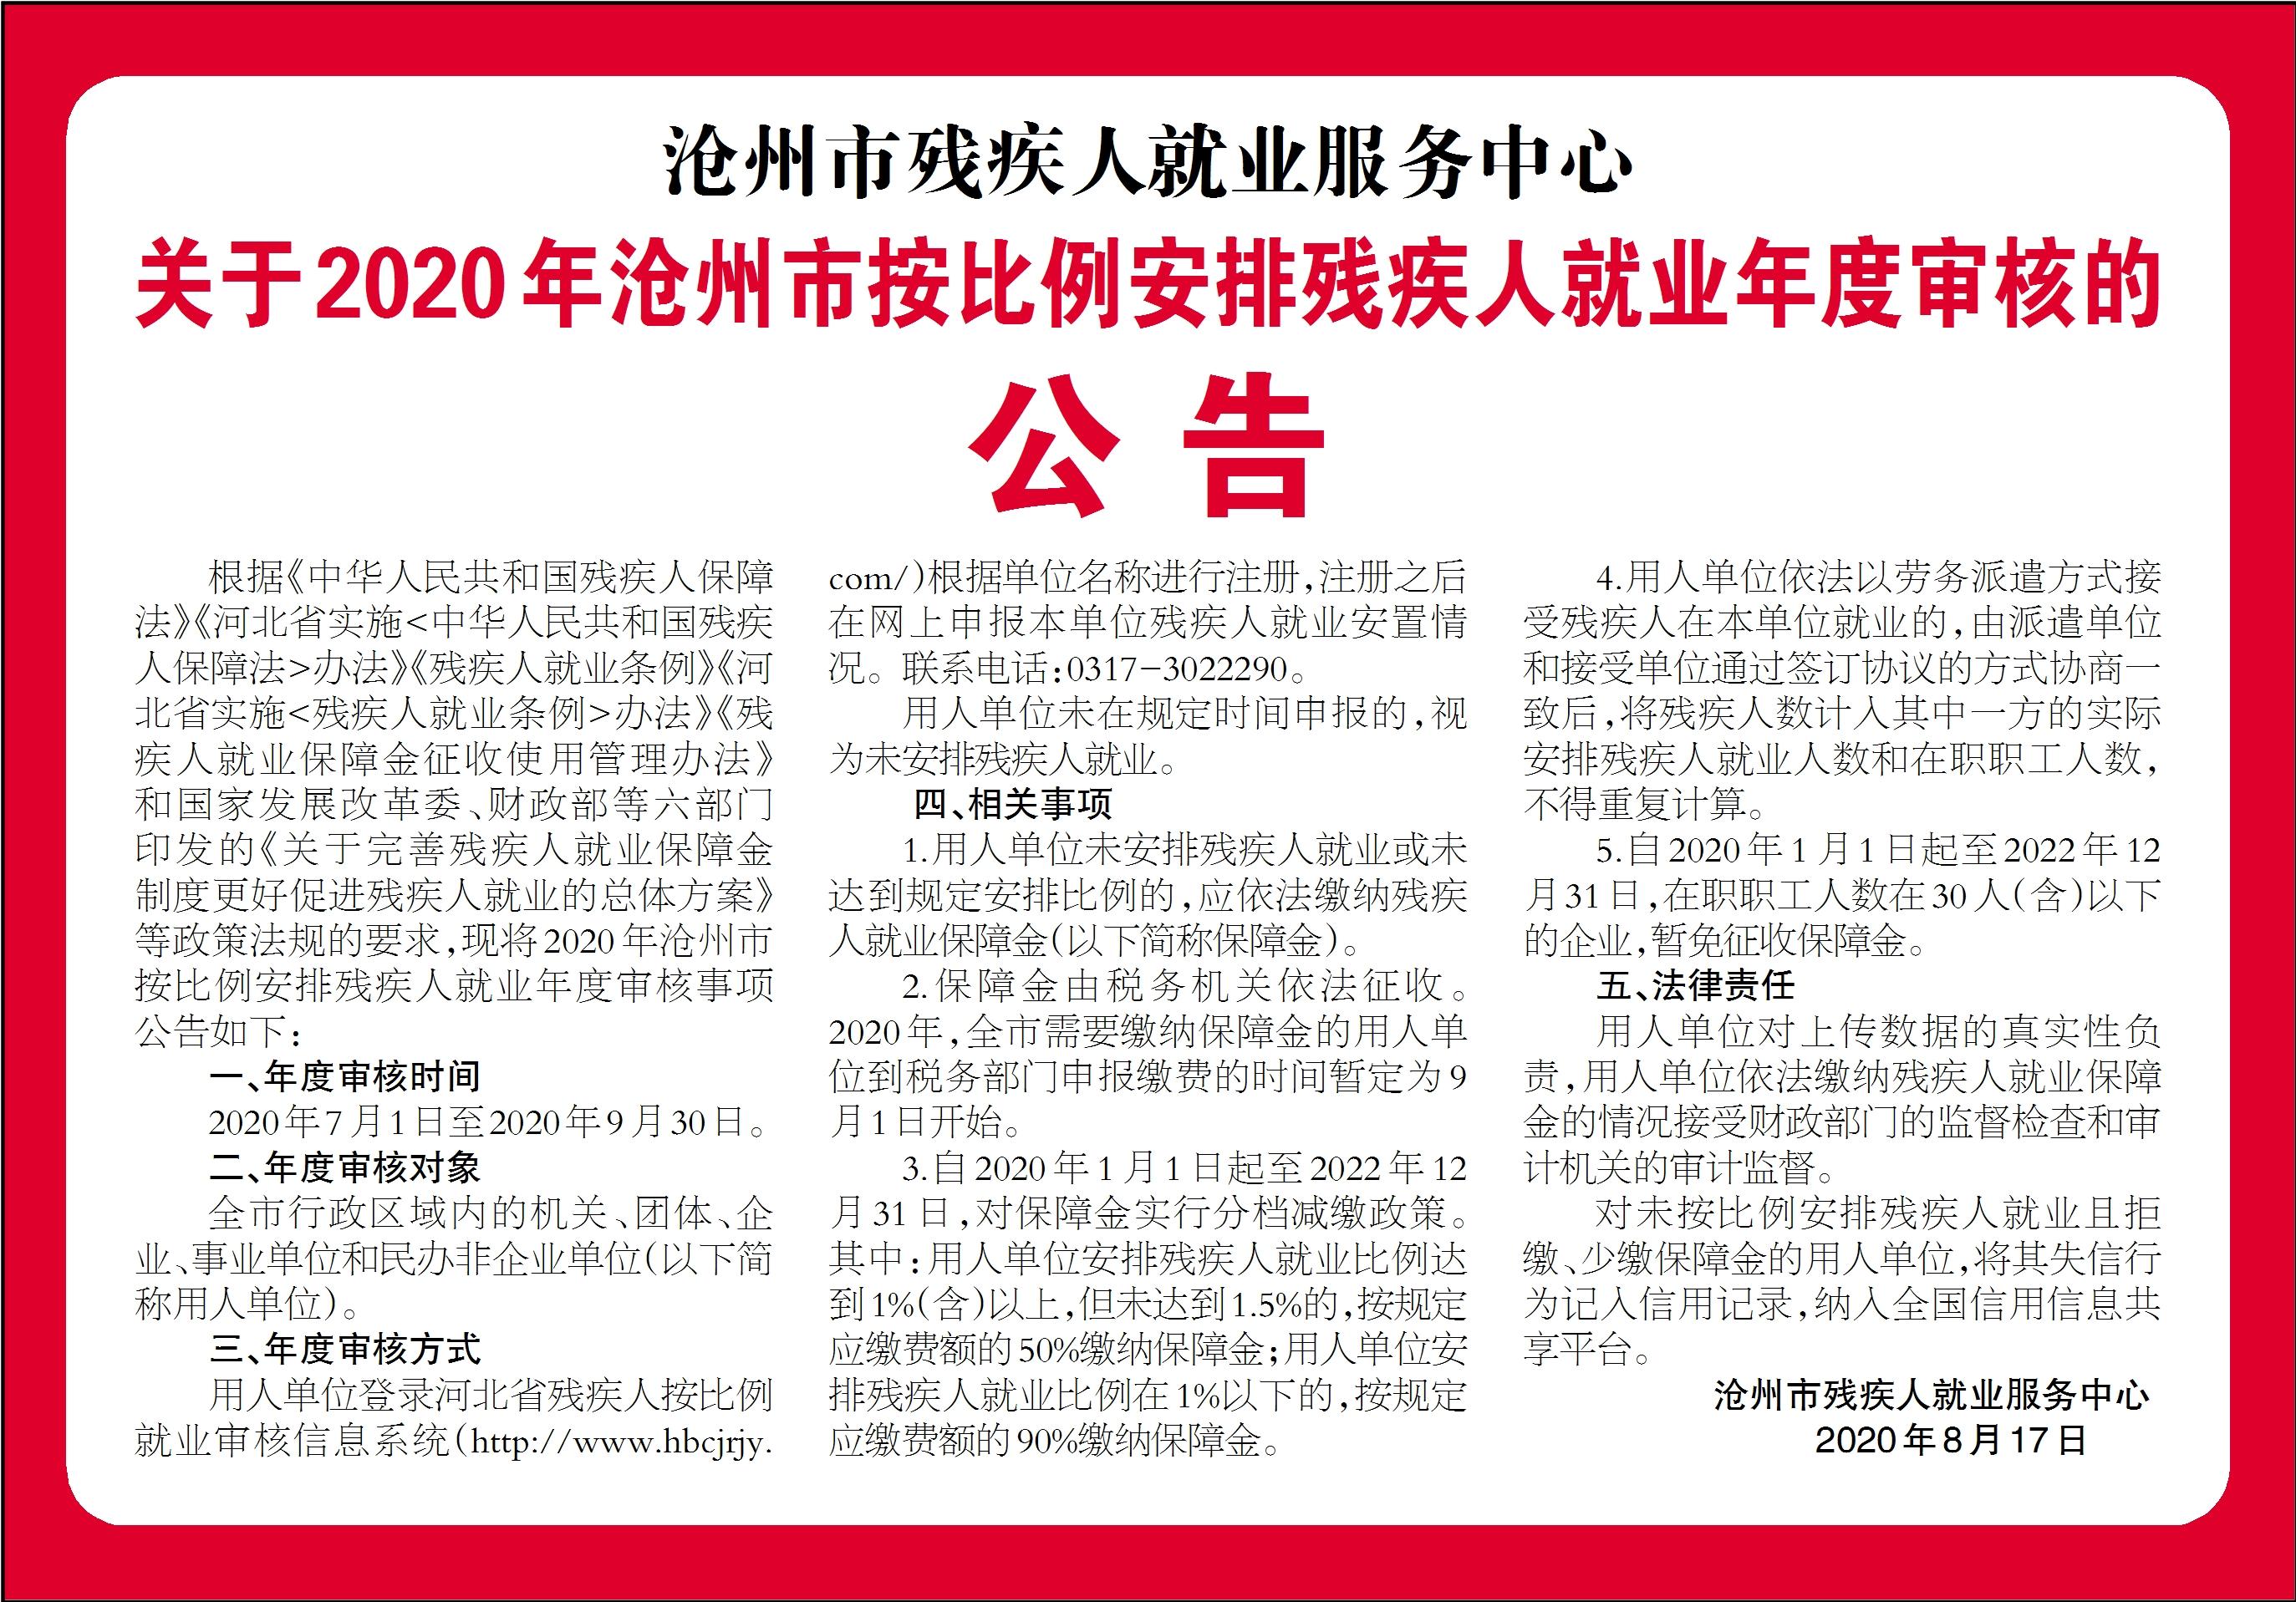 沧州市残疾人就业服务中心关于2020年沧州市按比例安排残疾人就业年度审核的公告